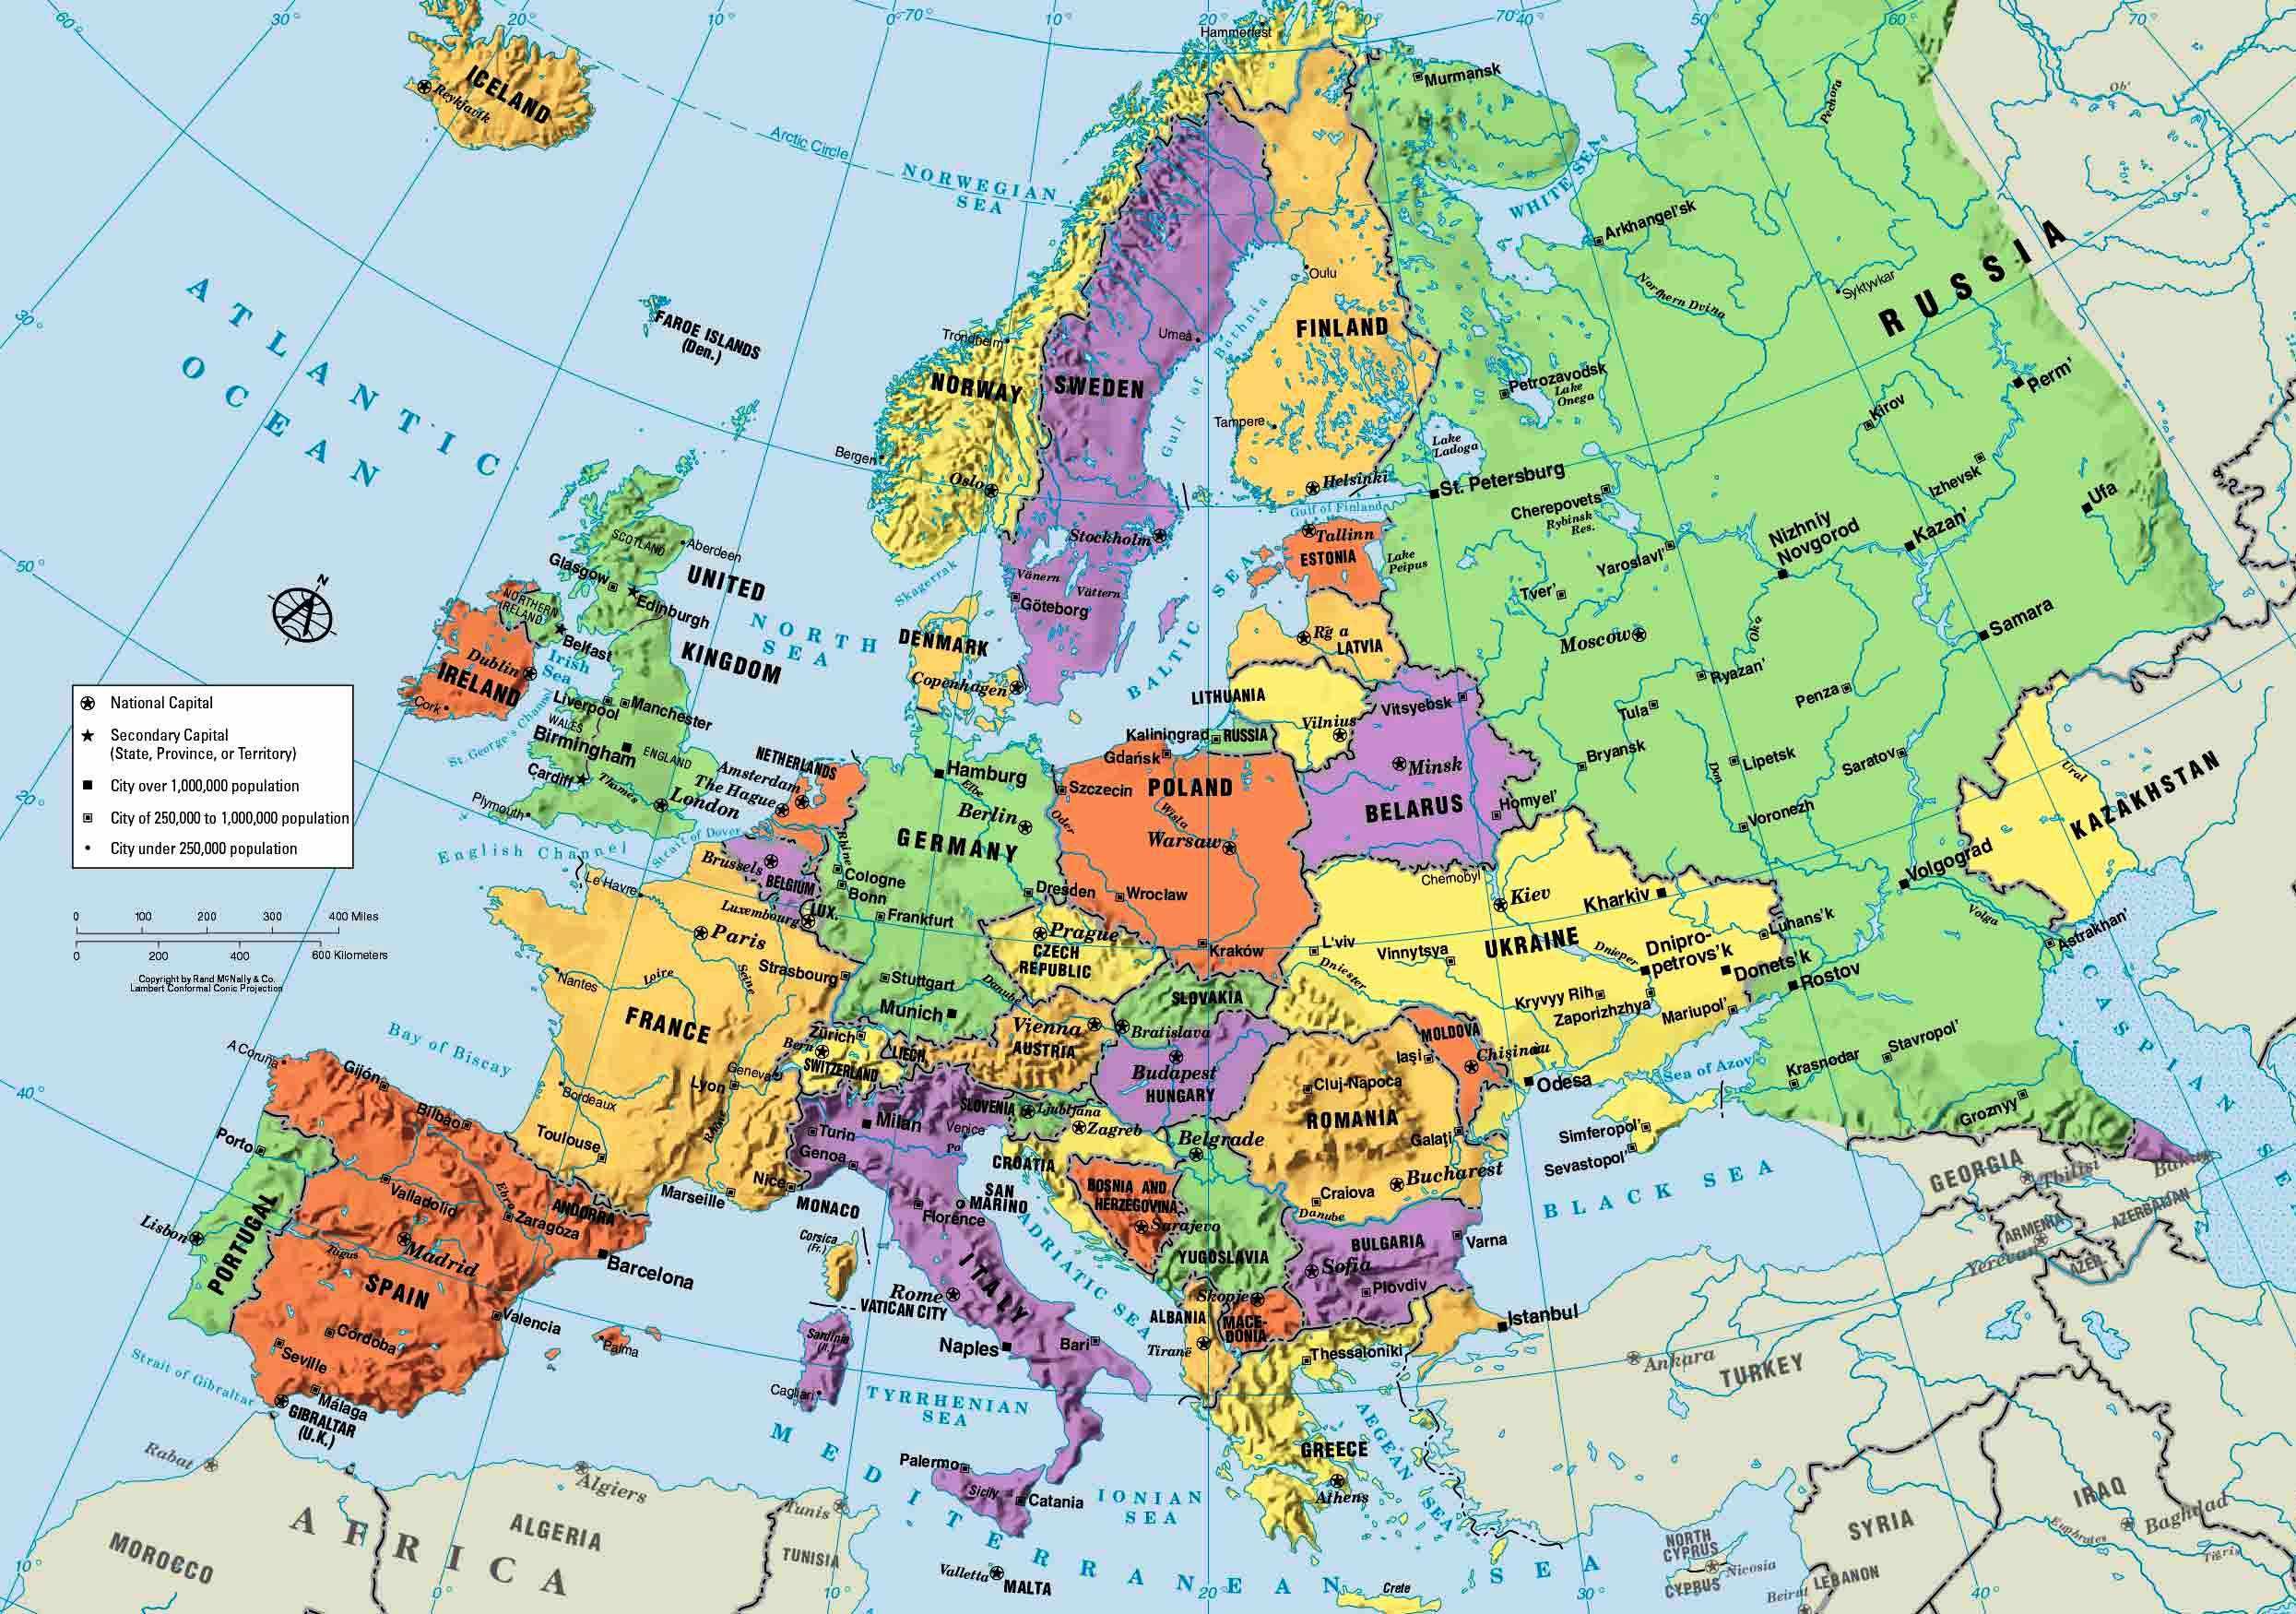 карта европы и россии - 14